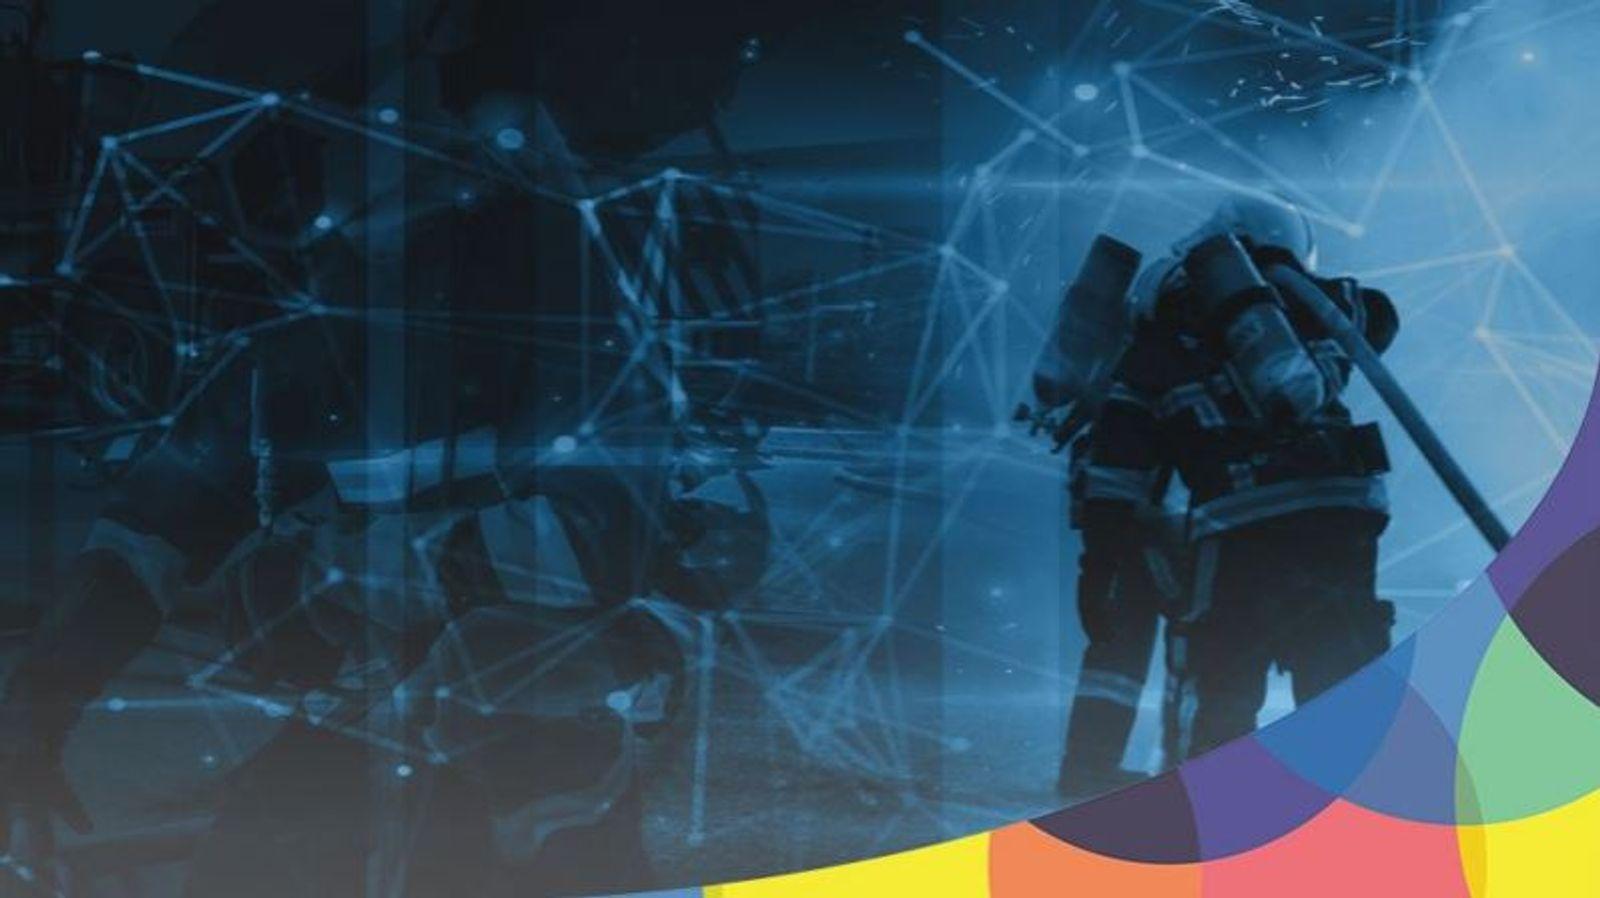 Déploiement de NexSIS 18-112 : les clés pour comprendre le processus de migration des SIS vers le futur système d'information des sapeurs-pompiers